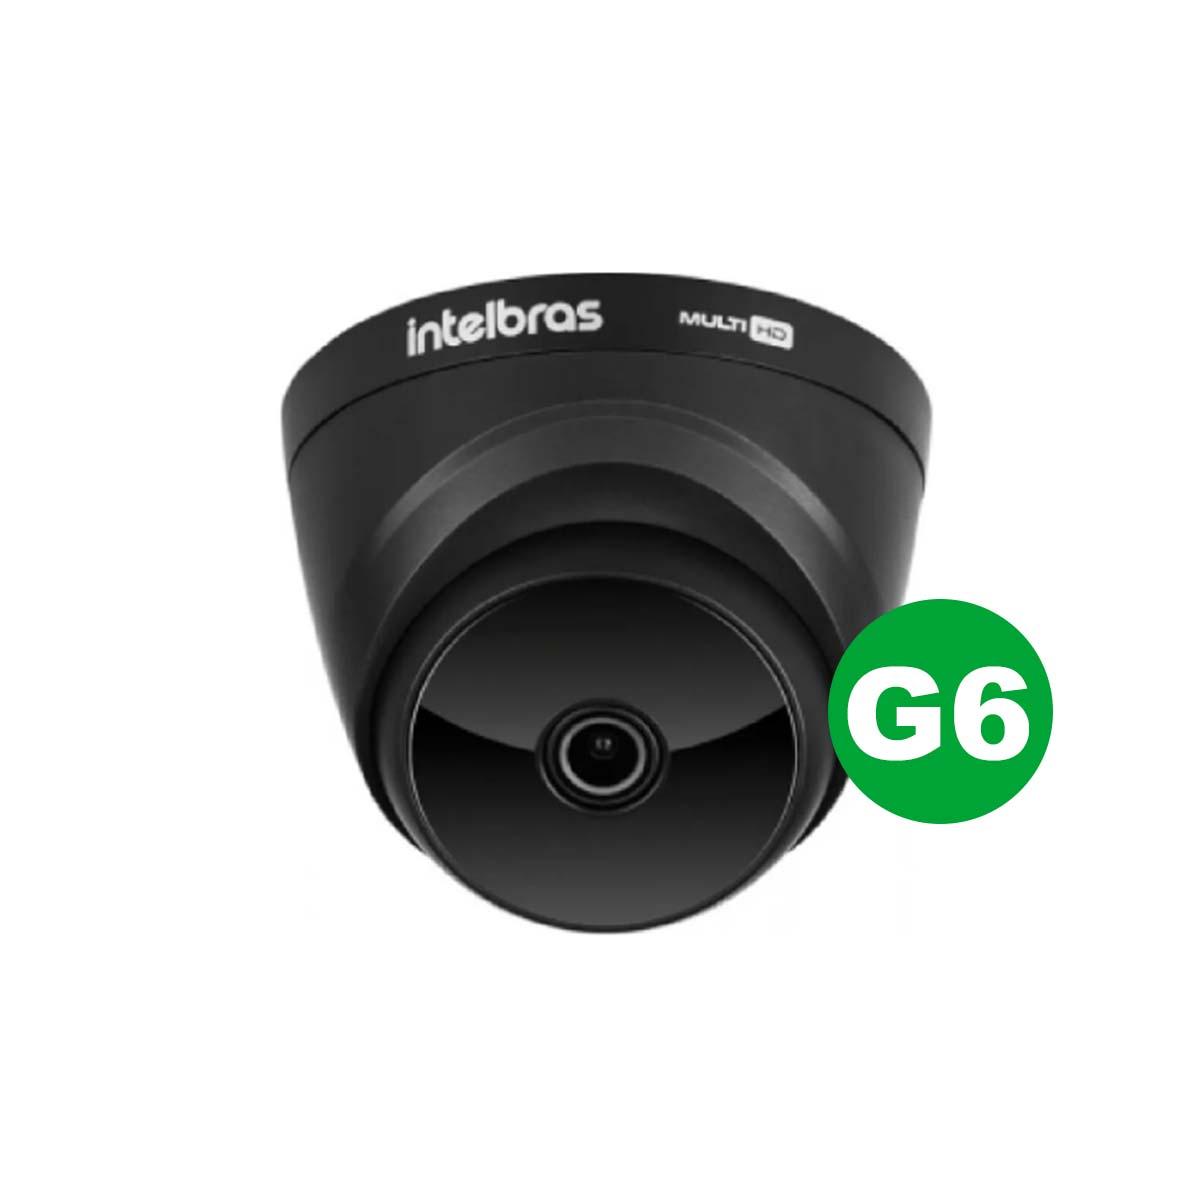 Kit CFTV 16 Câmeras VHD 1220 D Black G6 + MHDX 1116 C/HD 3TB + Acessórios